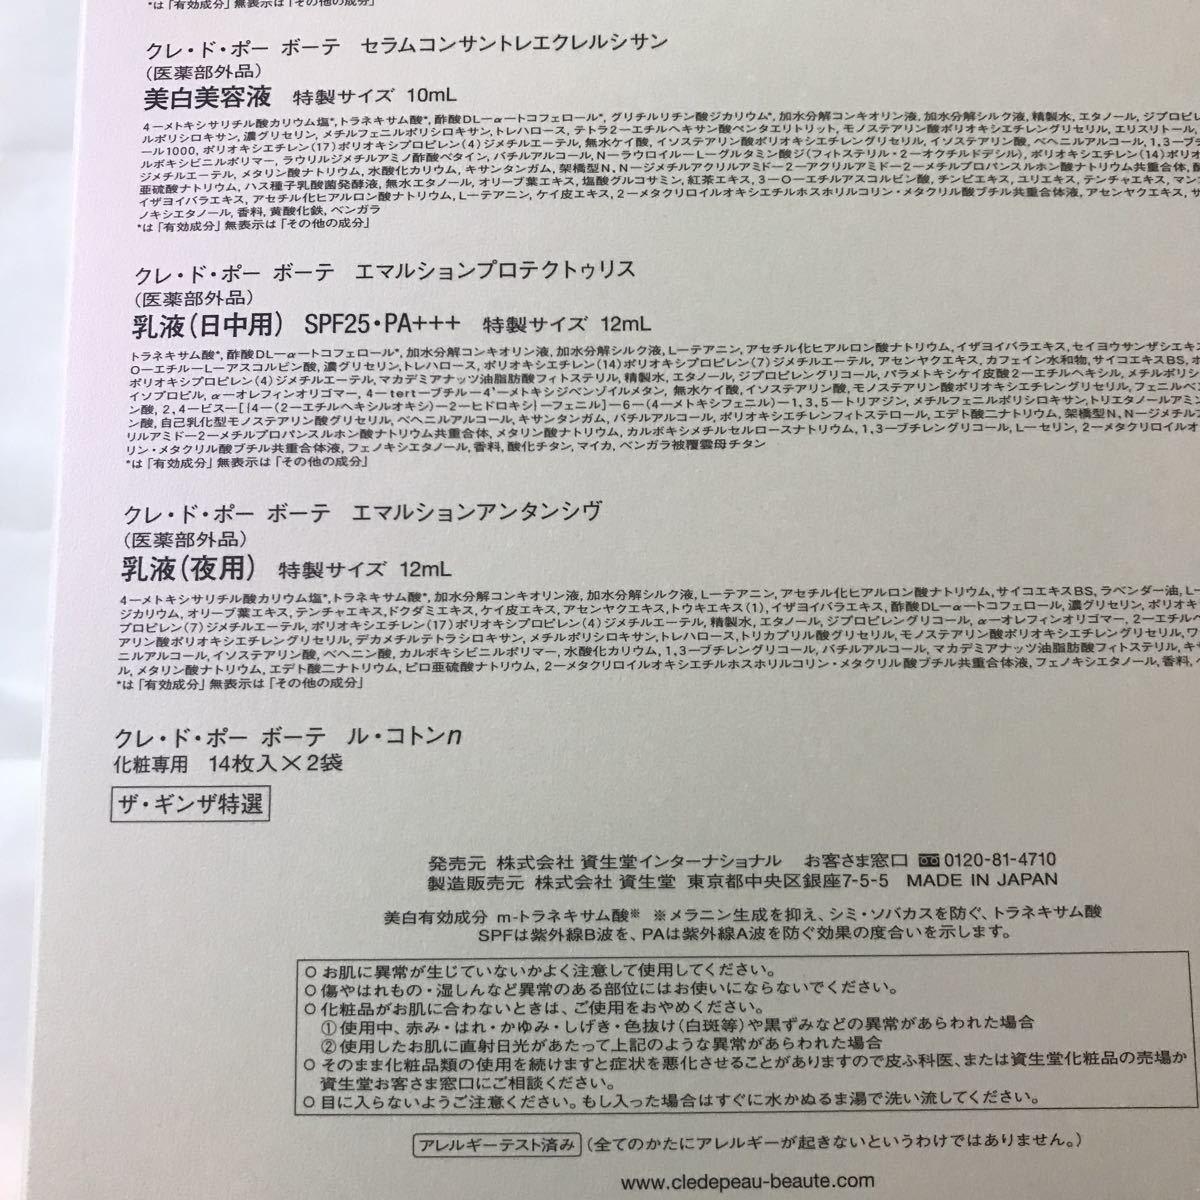 資生堂クレドポーボーテ 化粧水 乳液体感セット美白美容液 コットン1円スタート_画像5